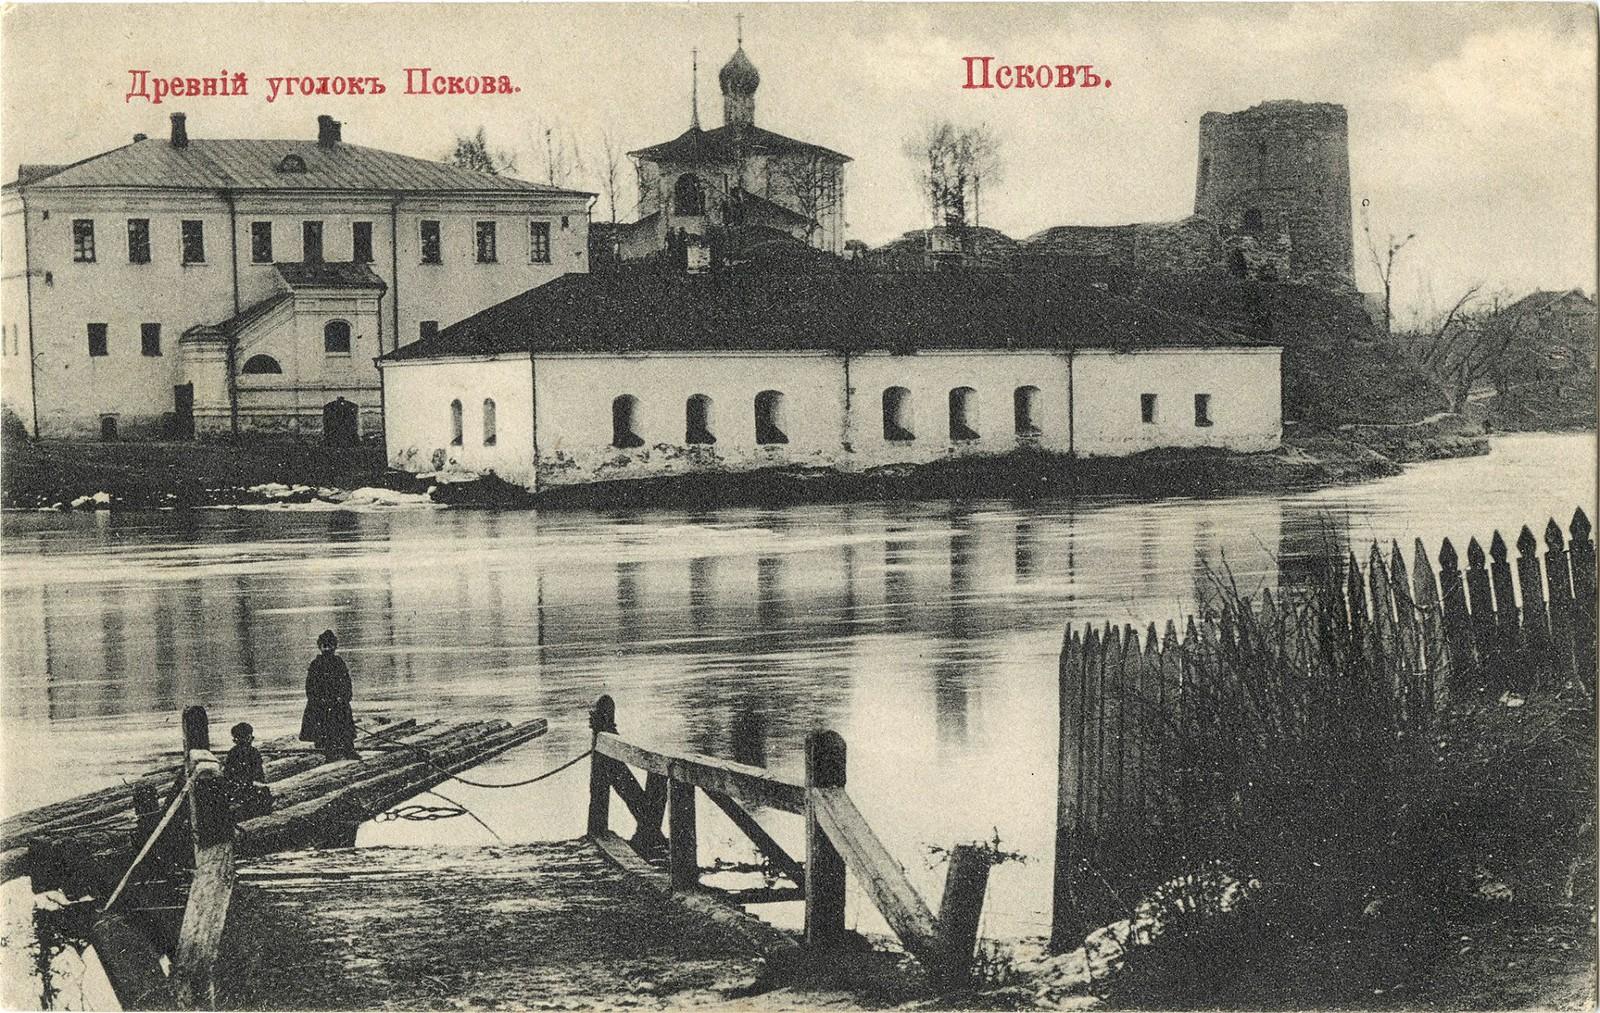 Древний уголок Пскова